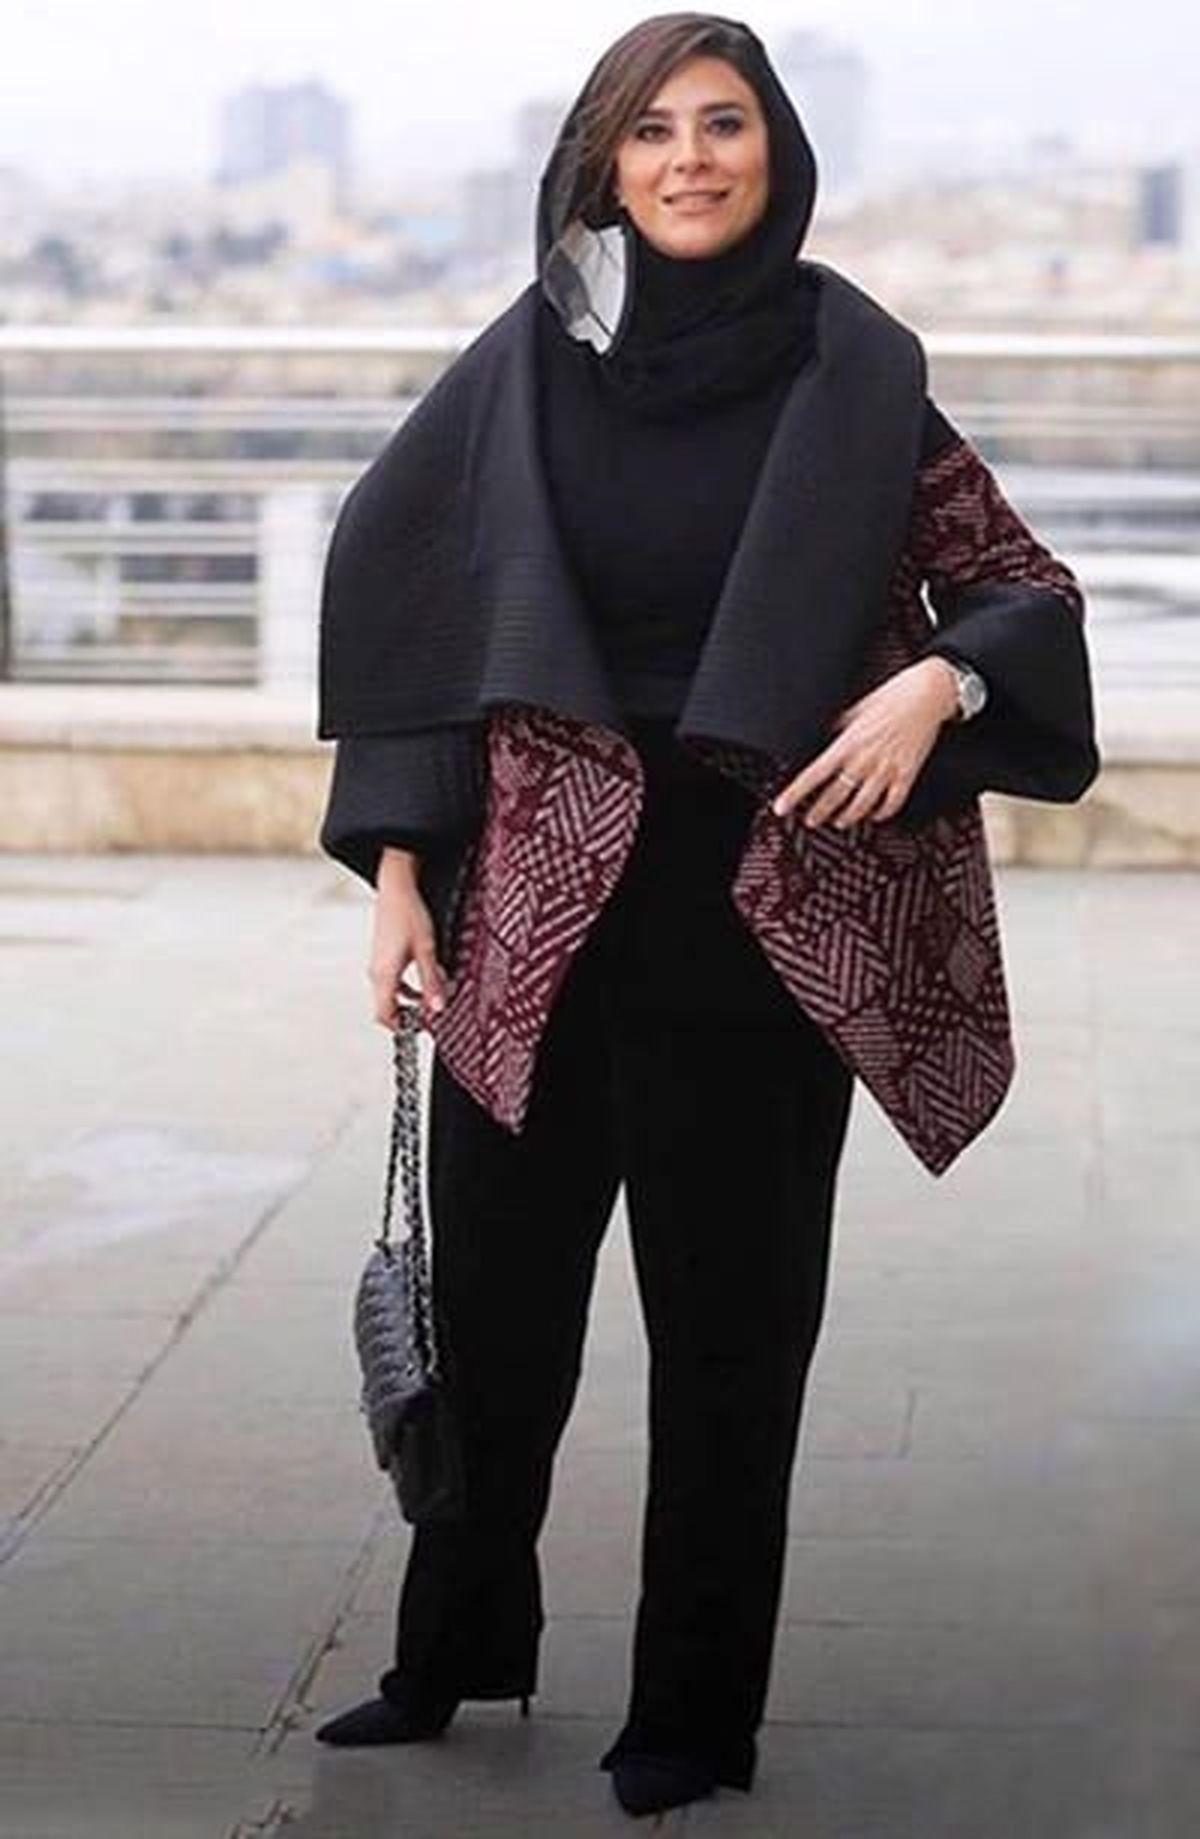 خوشتیپ ترین بازیگر زن ایرانی؛ سحر دولتشاهی+عکس